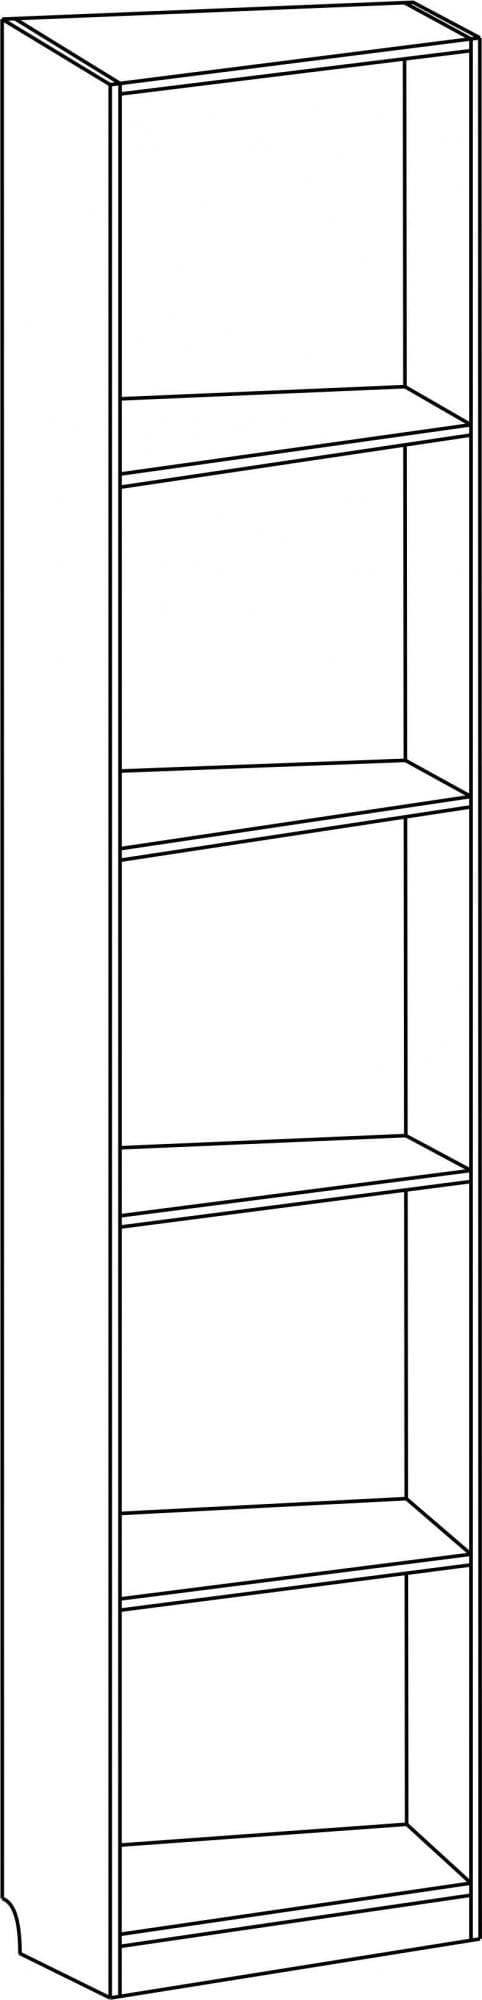 Шкаф завершающий несимметричный С 234 М